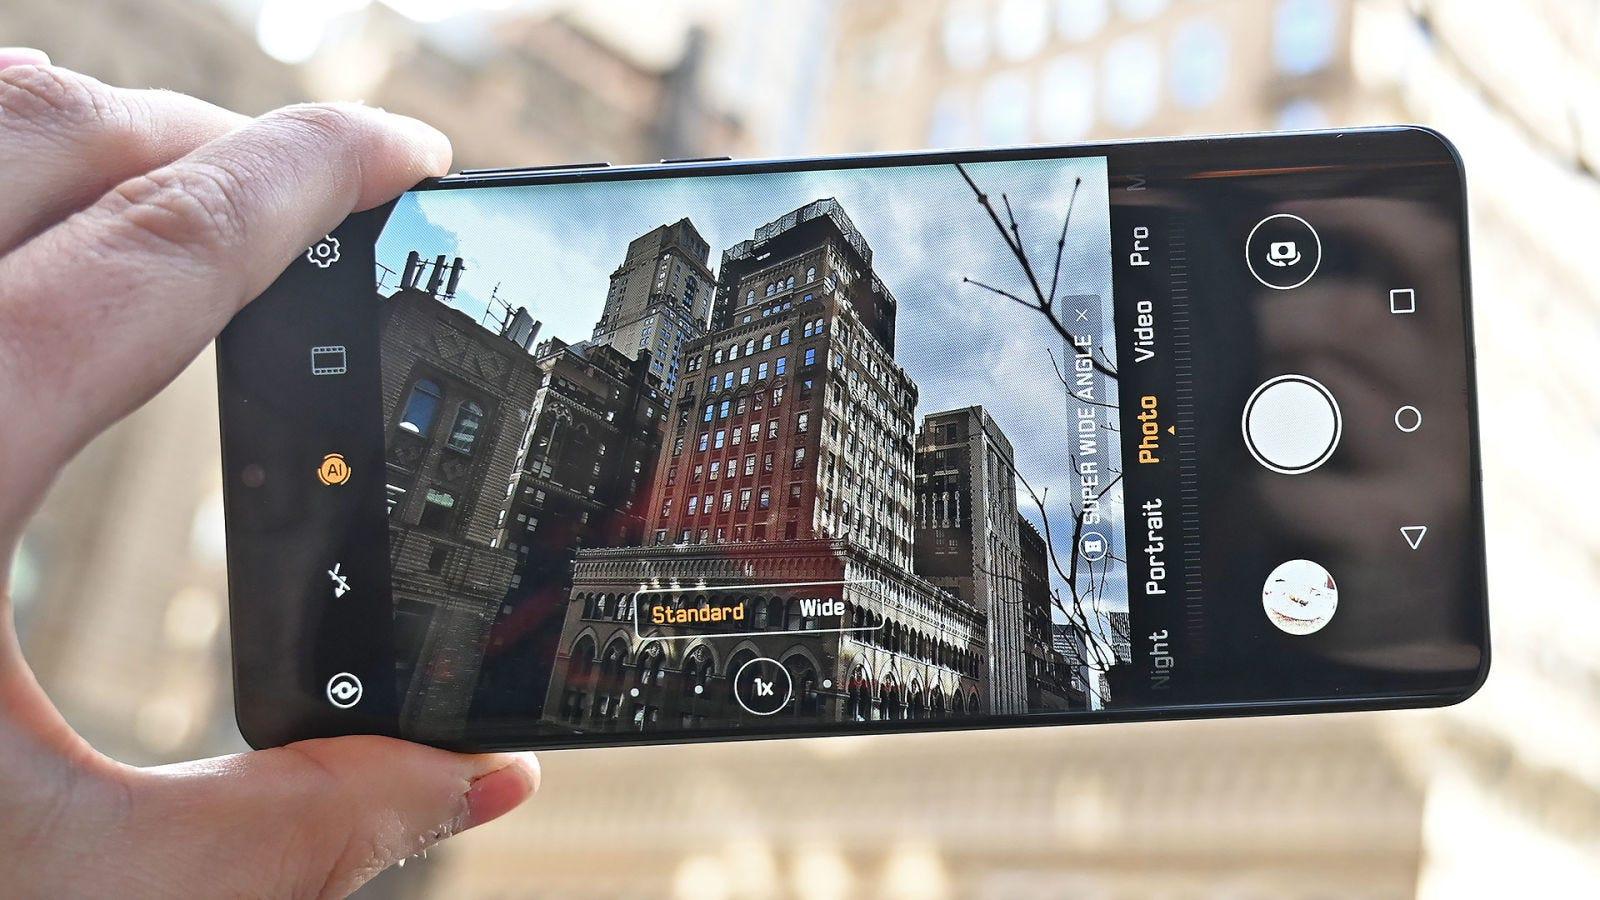 La cámara del P30 Pro con zoom 1x